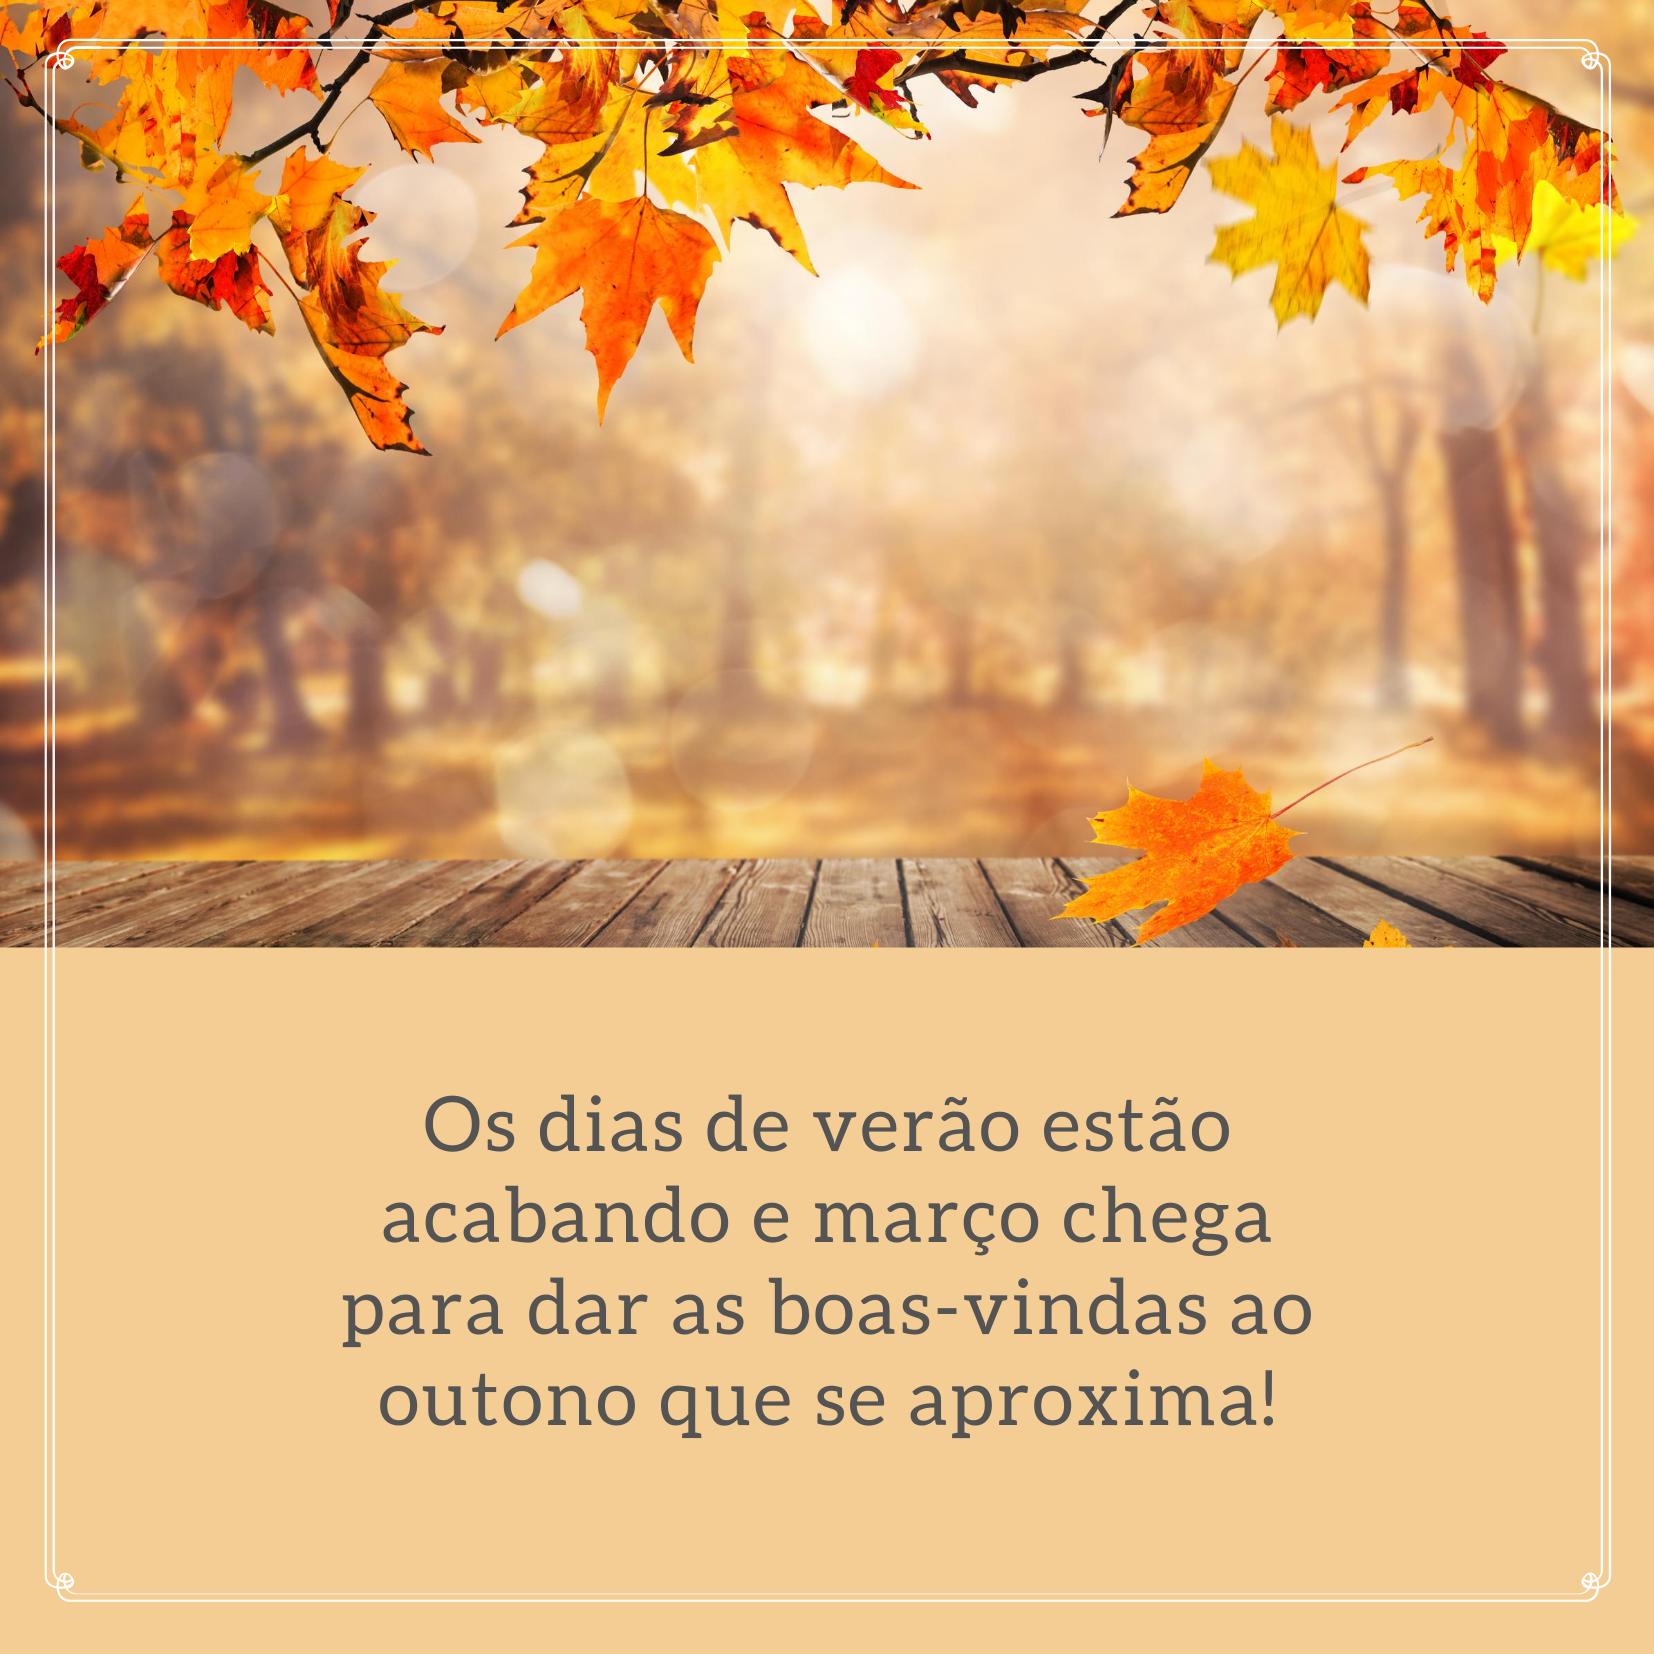 Os dias de verão estão acabando e março chega para dar as boas-vindas ao outono que se aproxima!